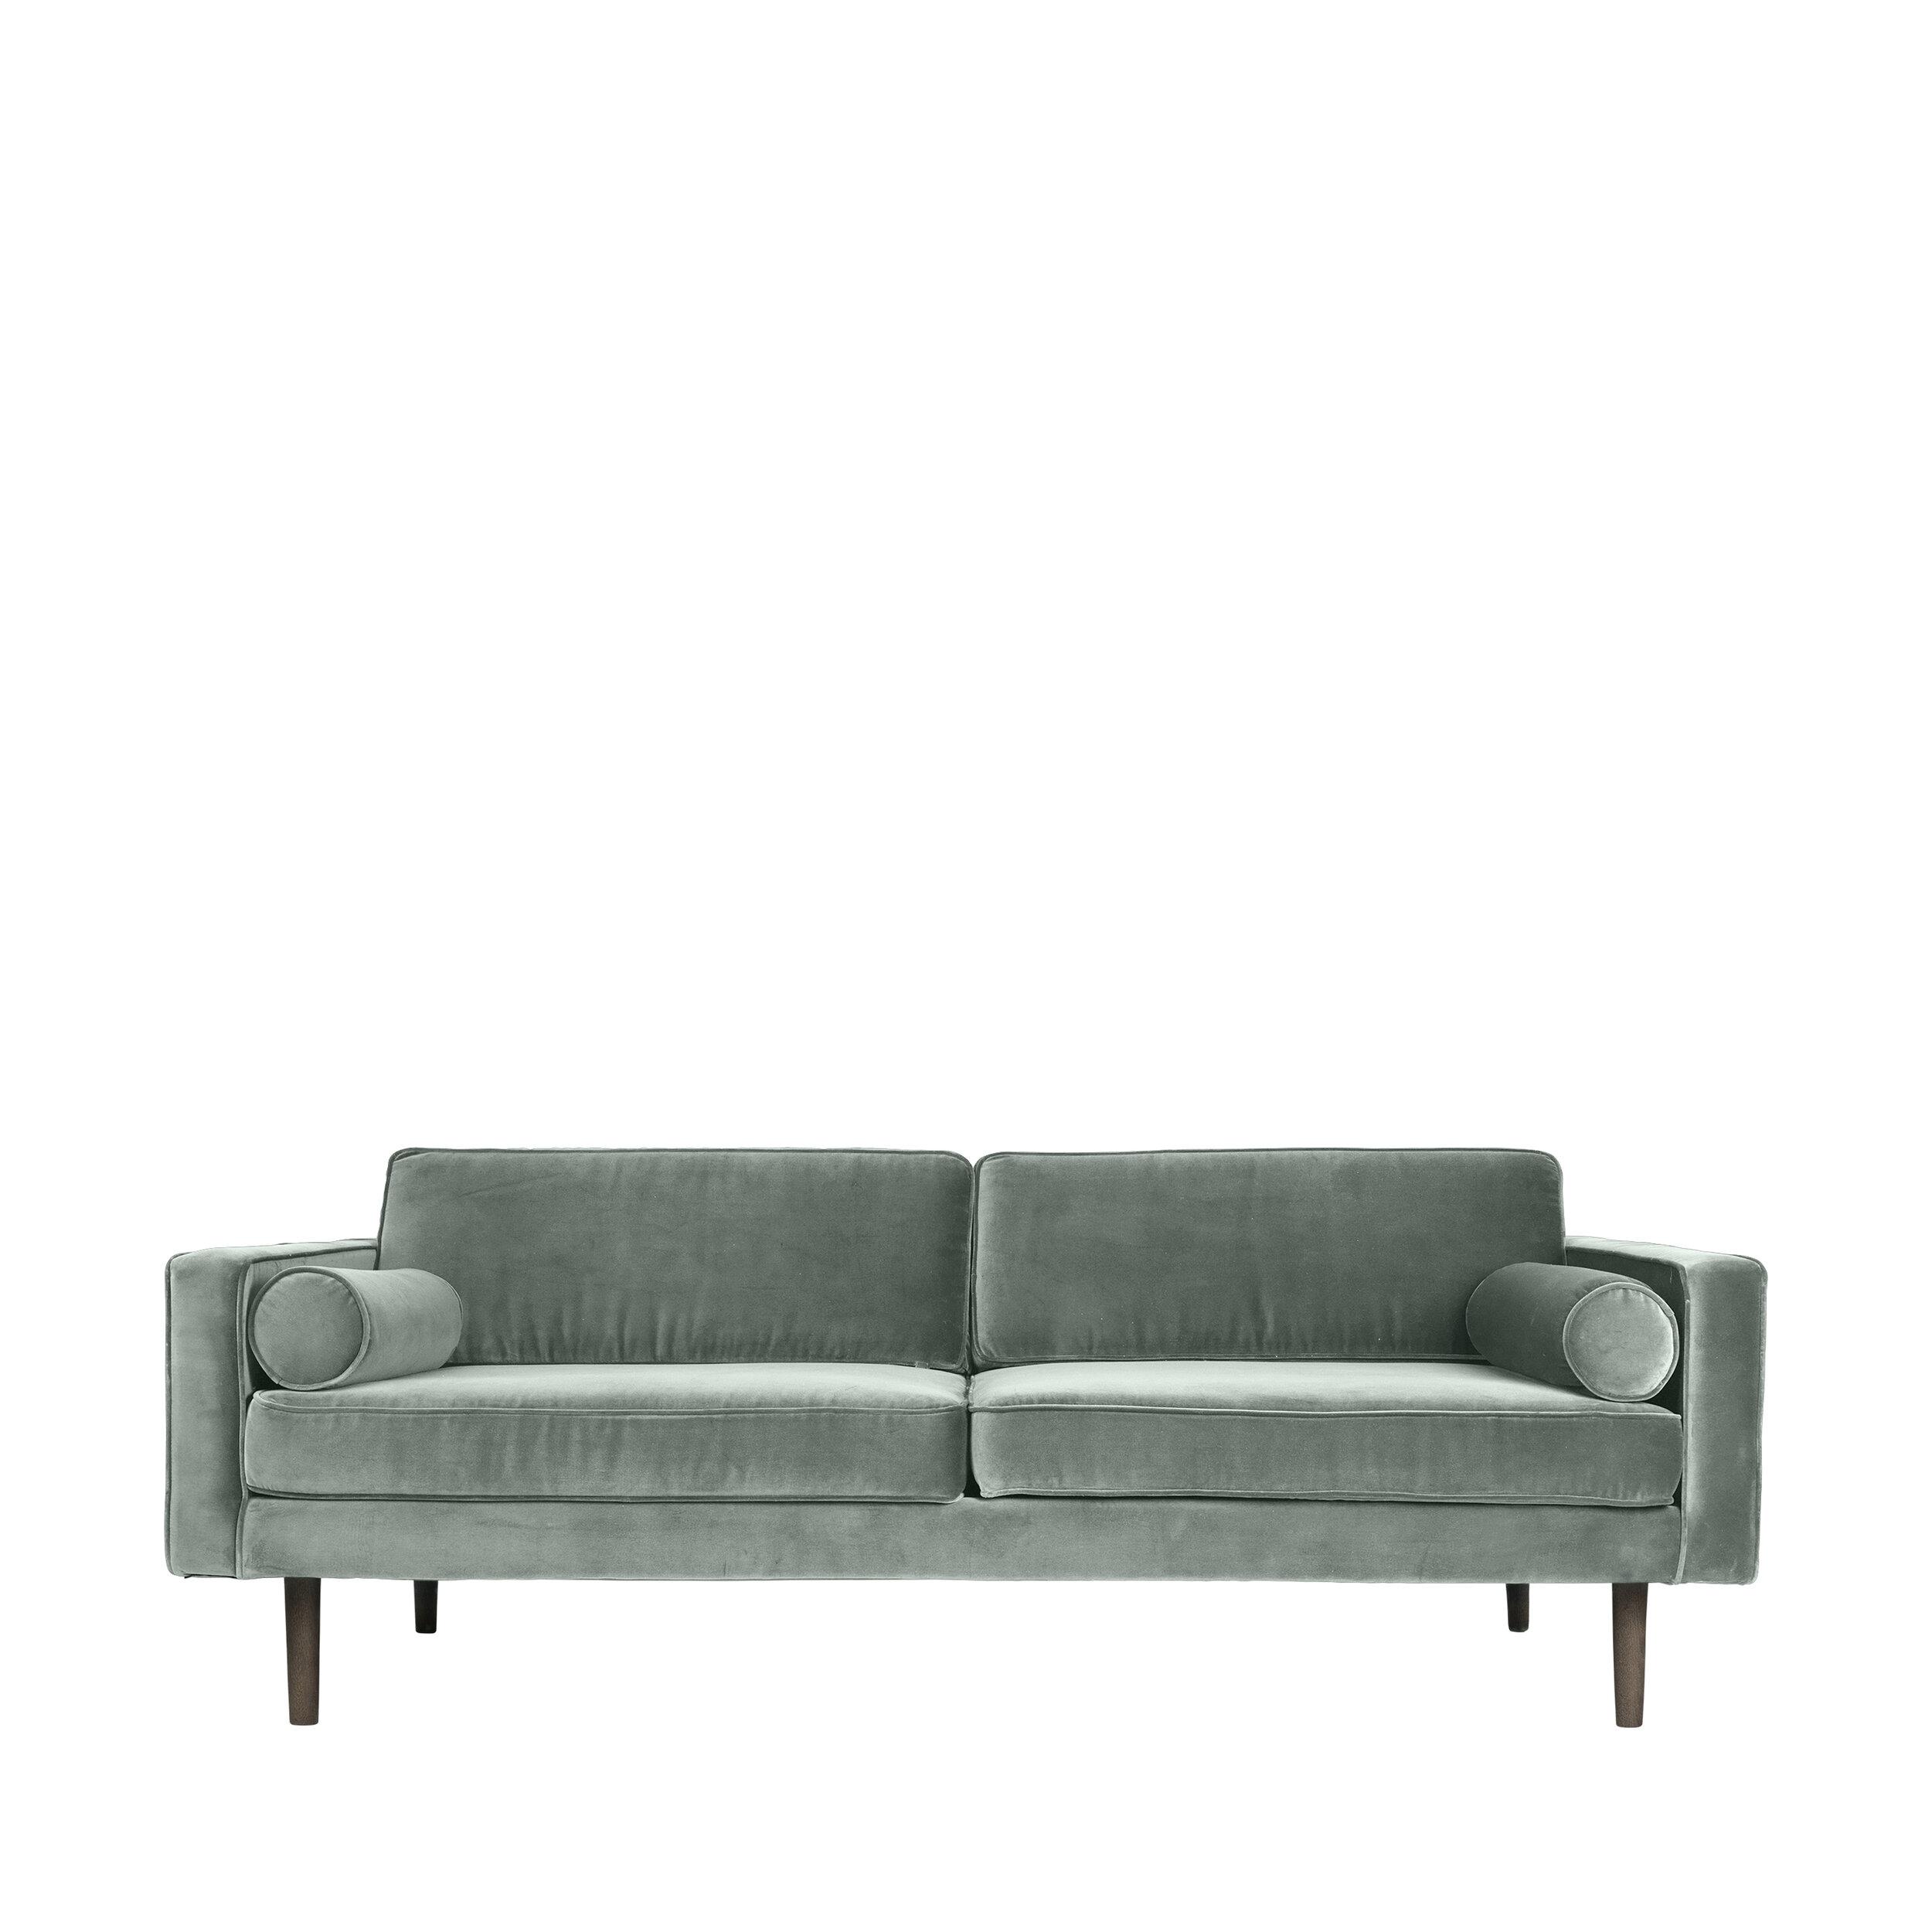 Mink Interiors - Velvet Sofa in Smoke Green